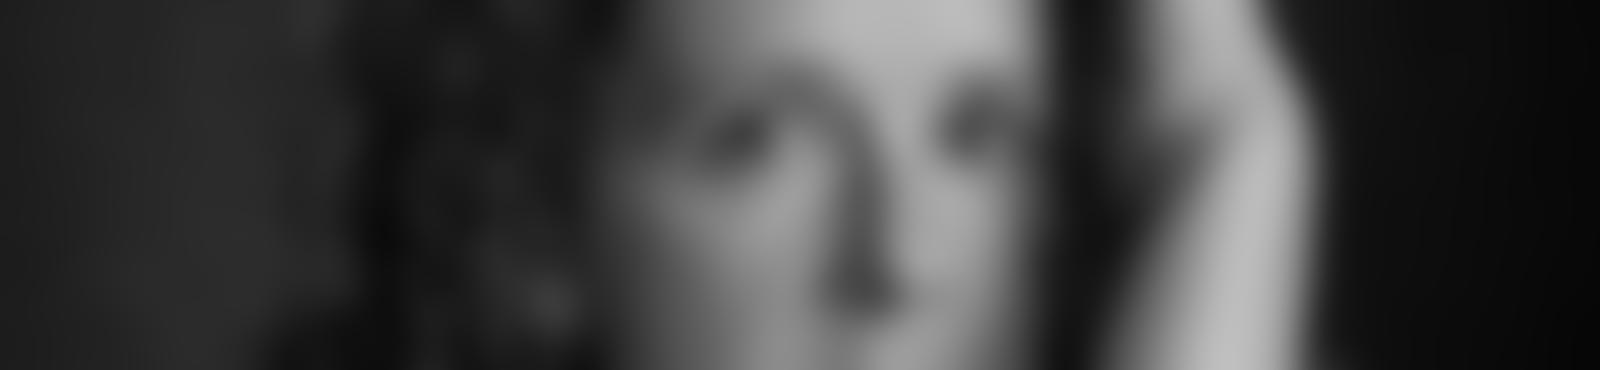 Blurred 4a0bf51f e405 46e8 8e48 39bcfcdd2020